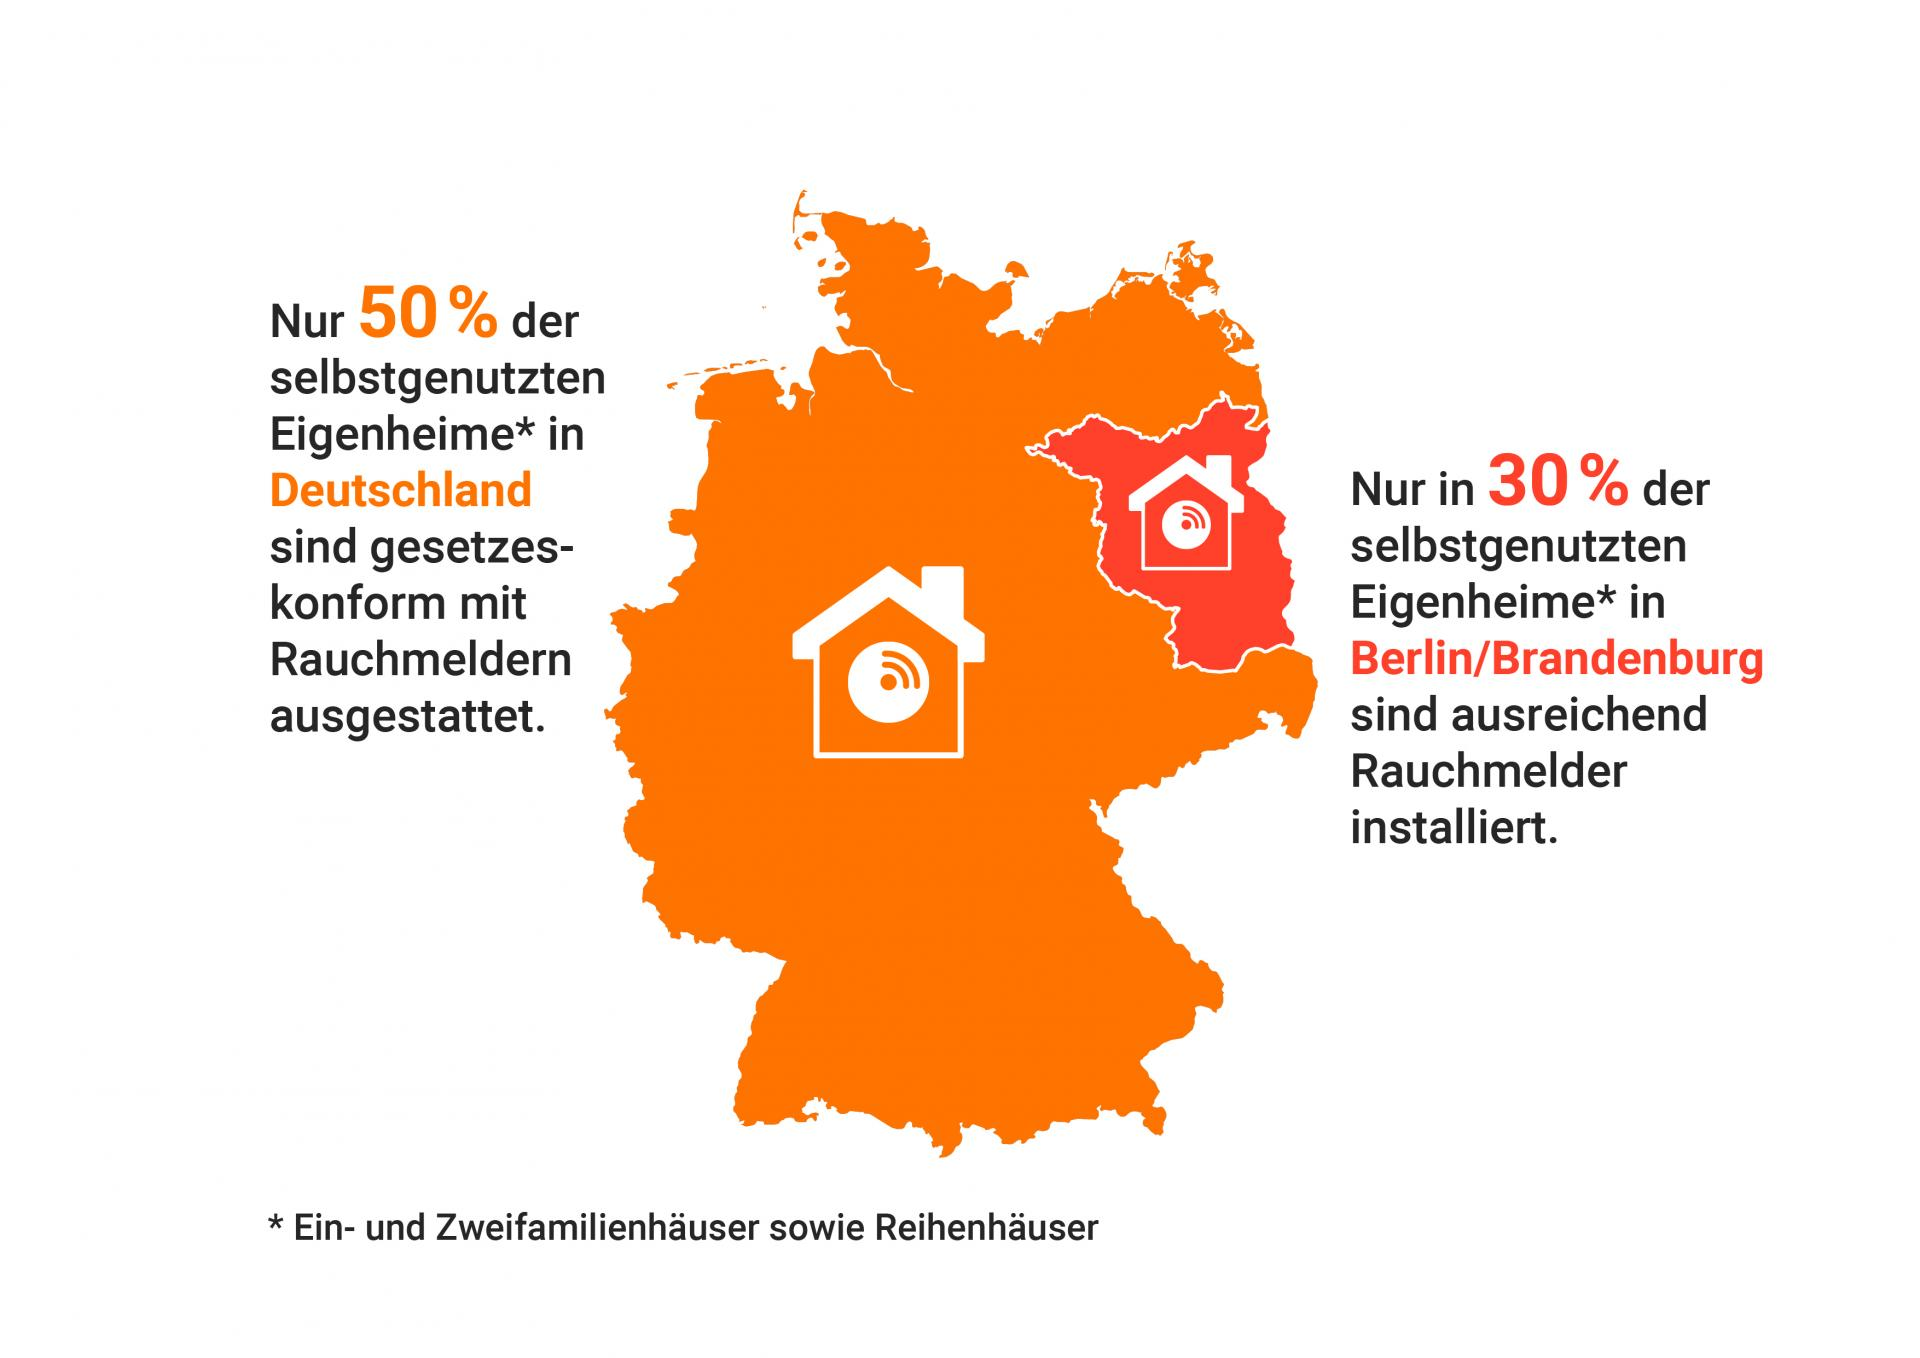 Quelle: www.rauchmelder-lebensretter.de